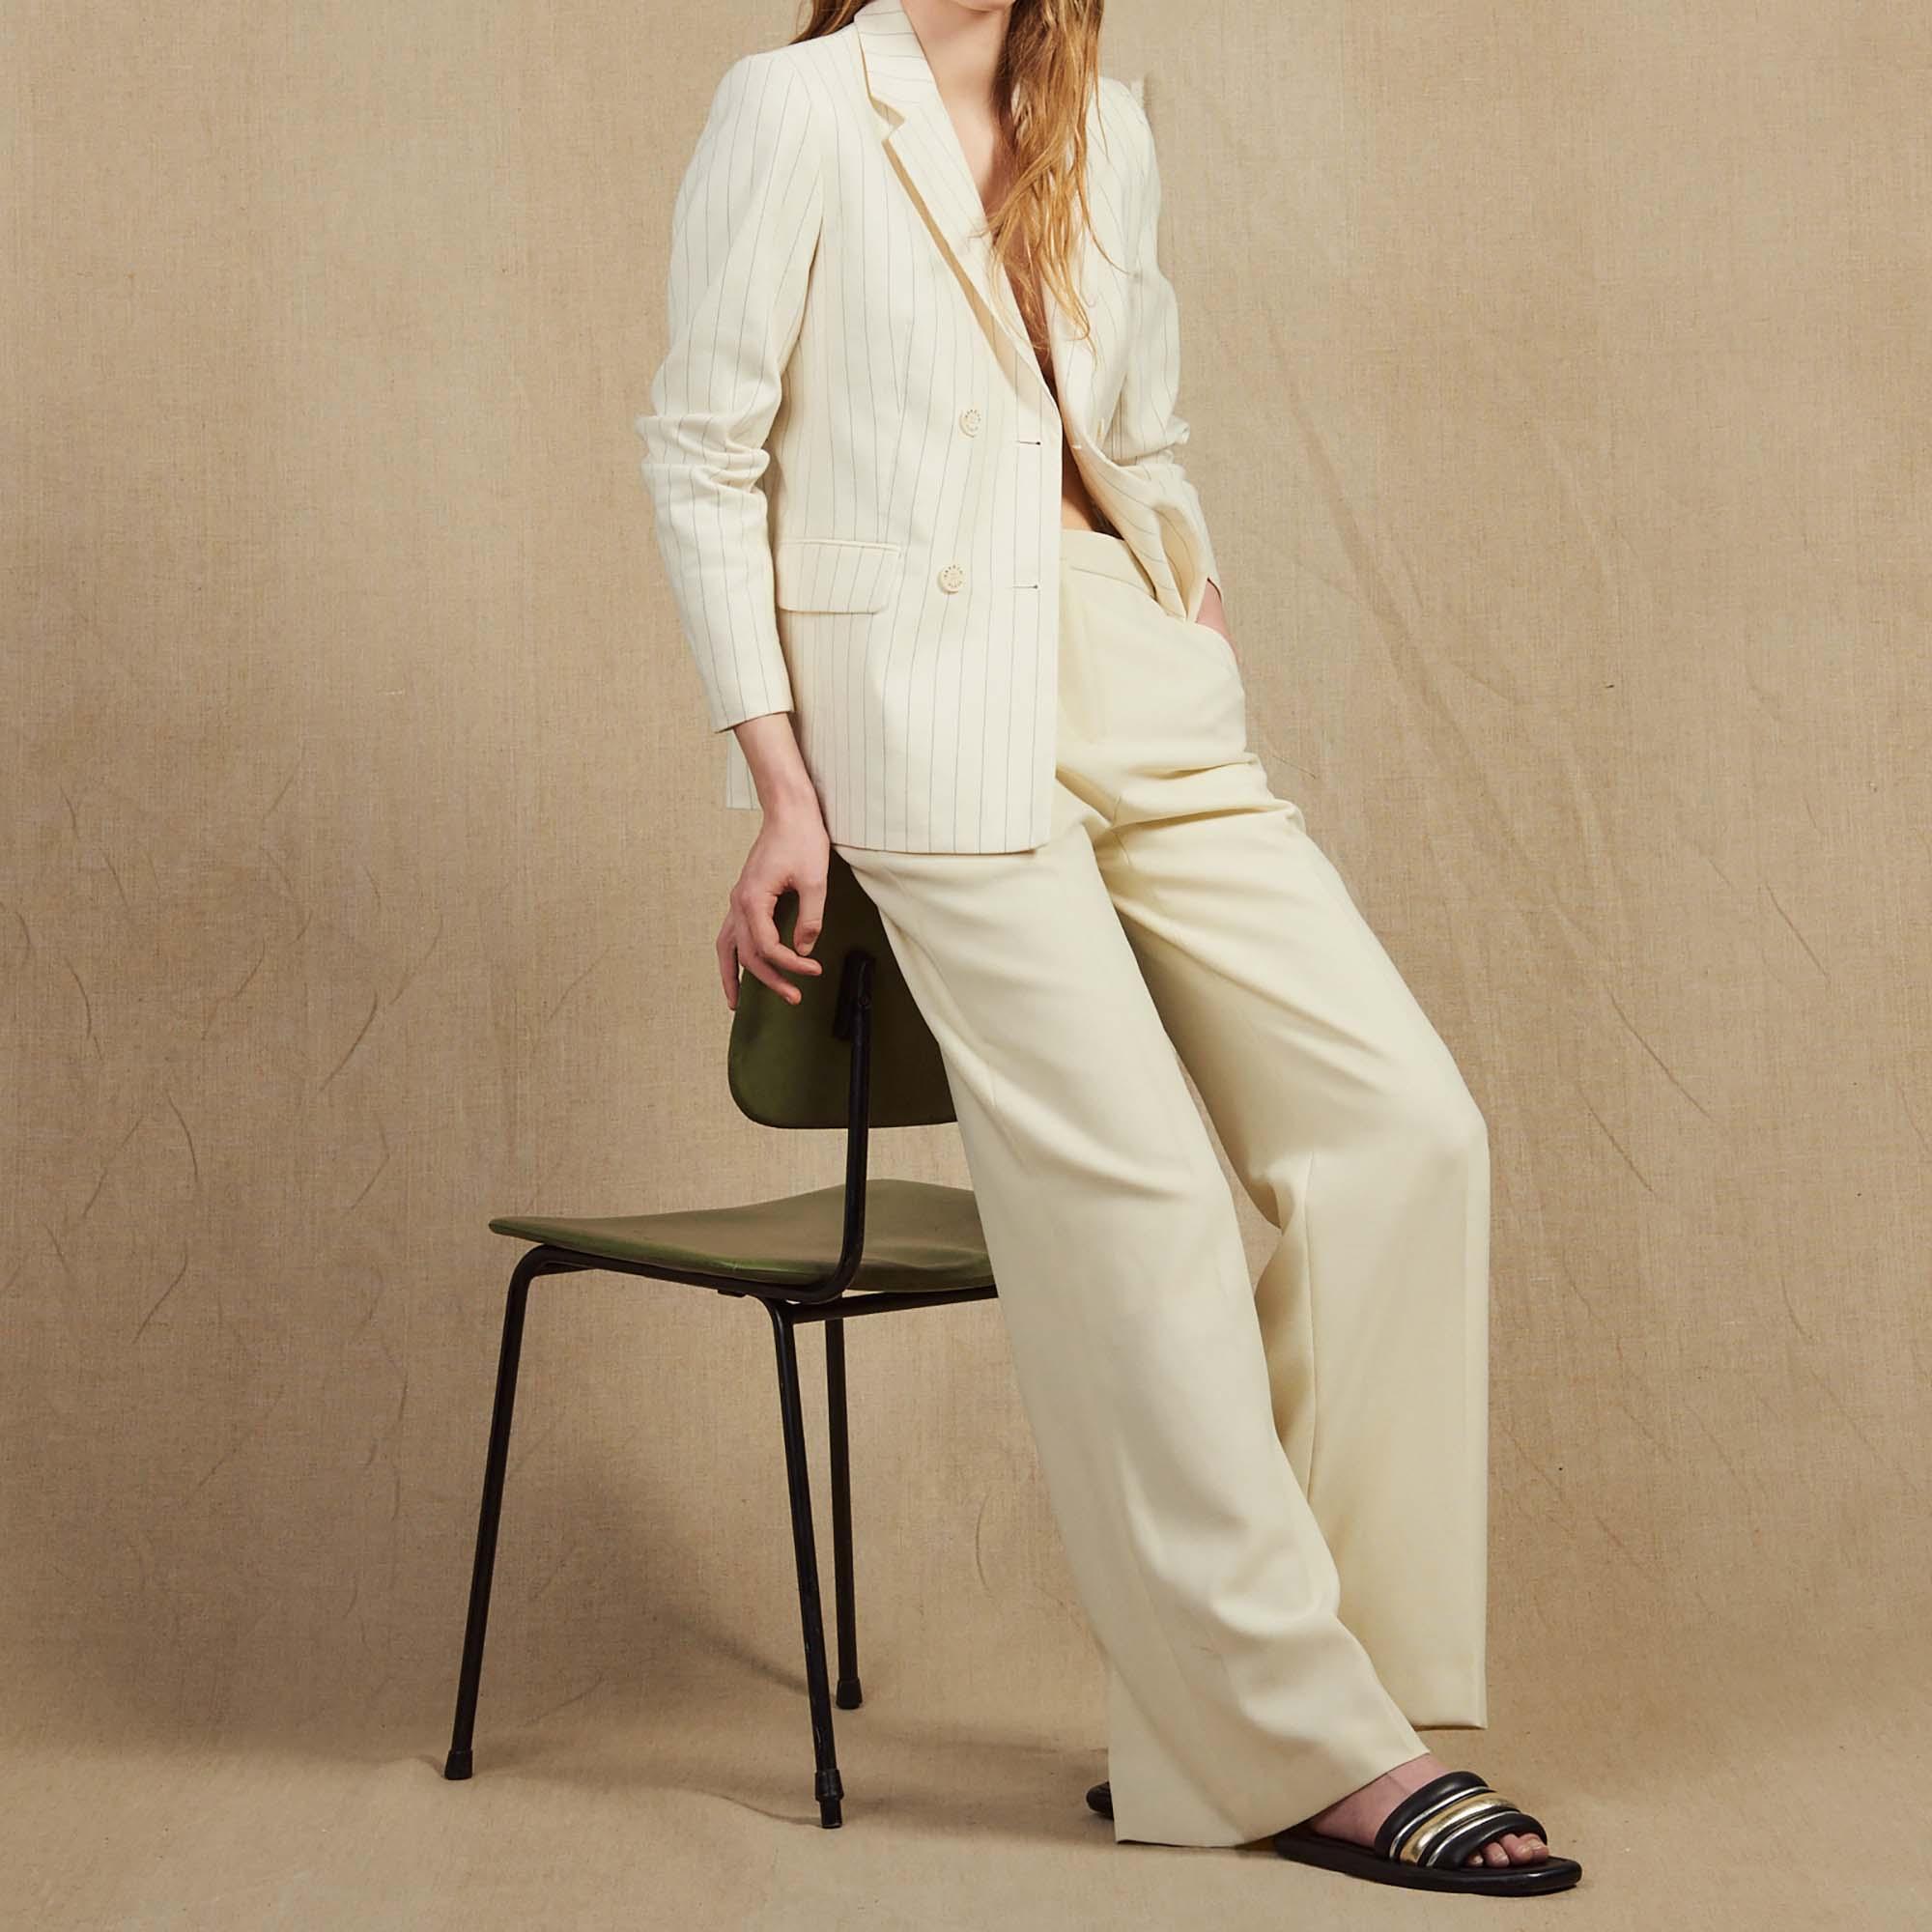 tailleur pantalon beige femme